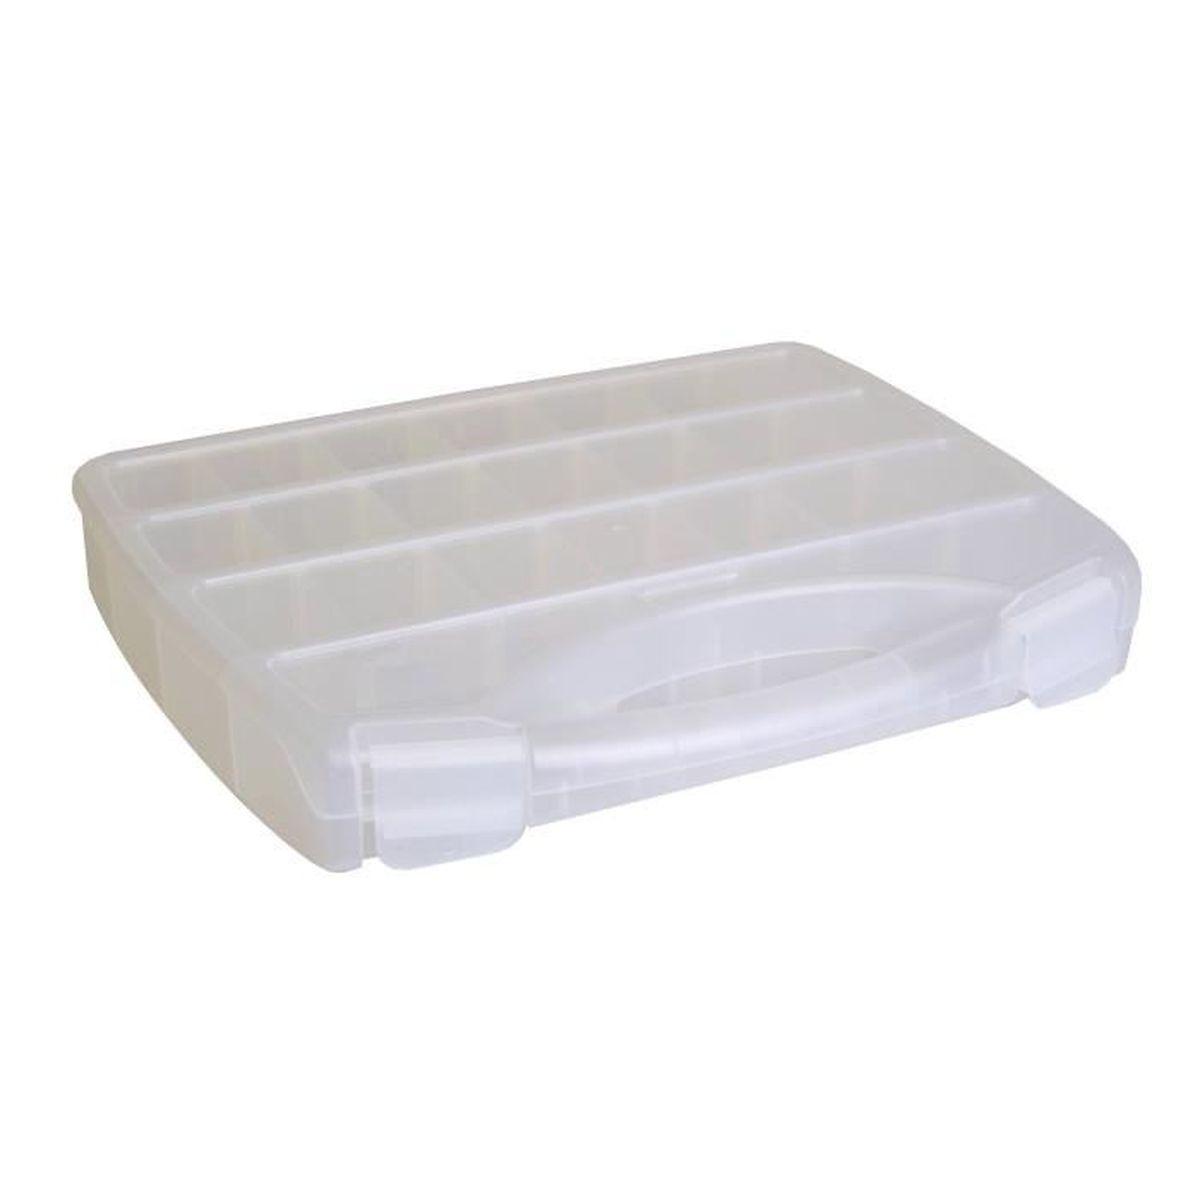 Boite de rangement plastique avec poignee - Achat / Vente pas cher